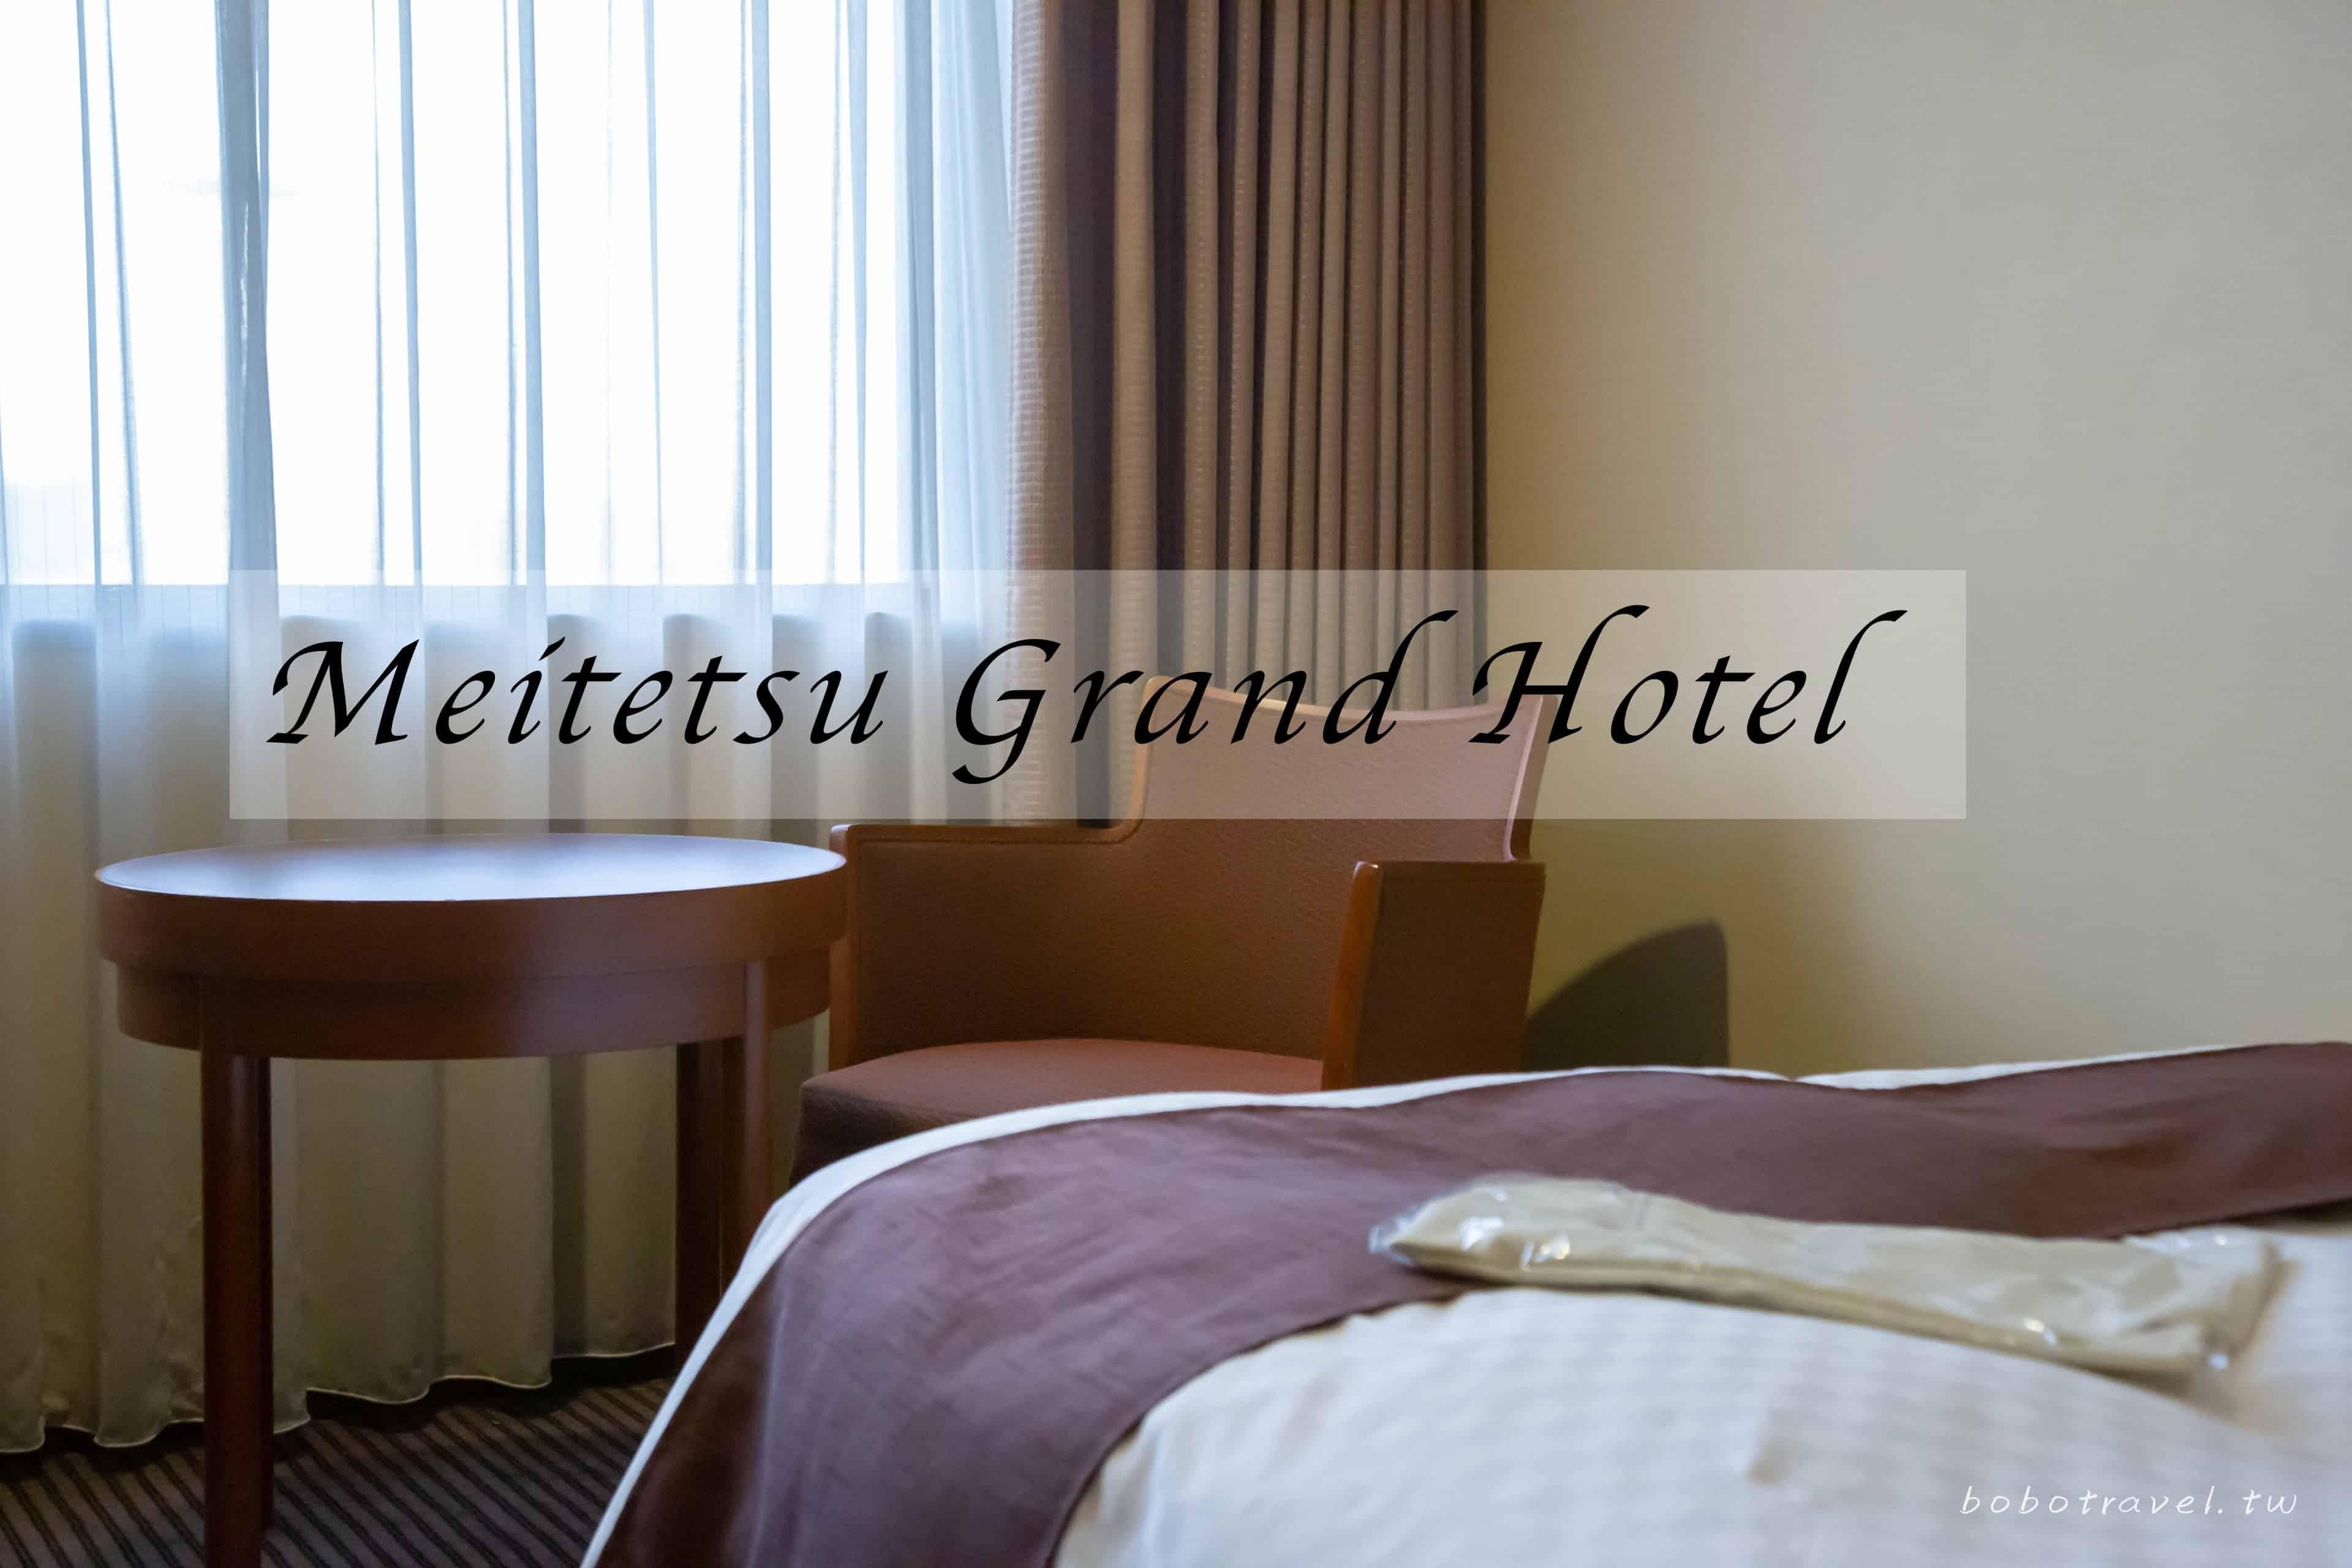 名古屋車站住宿、名鐵格蘭飯店|名古屋車站步行一分鐘,交通方便的商務飯店(Meitetsu Grand Hotel)